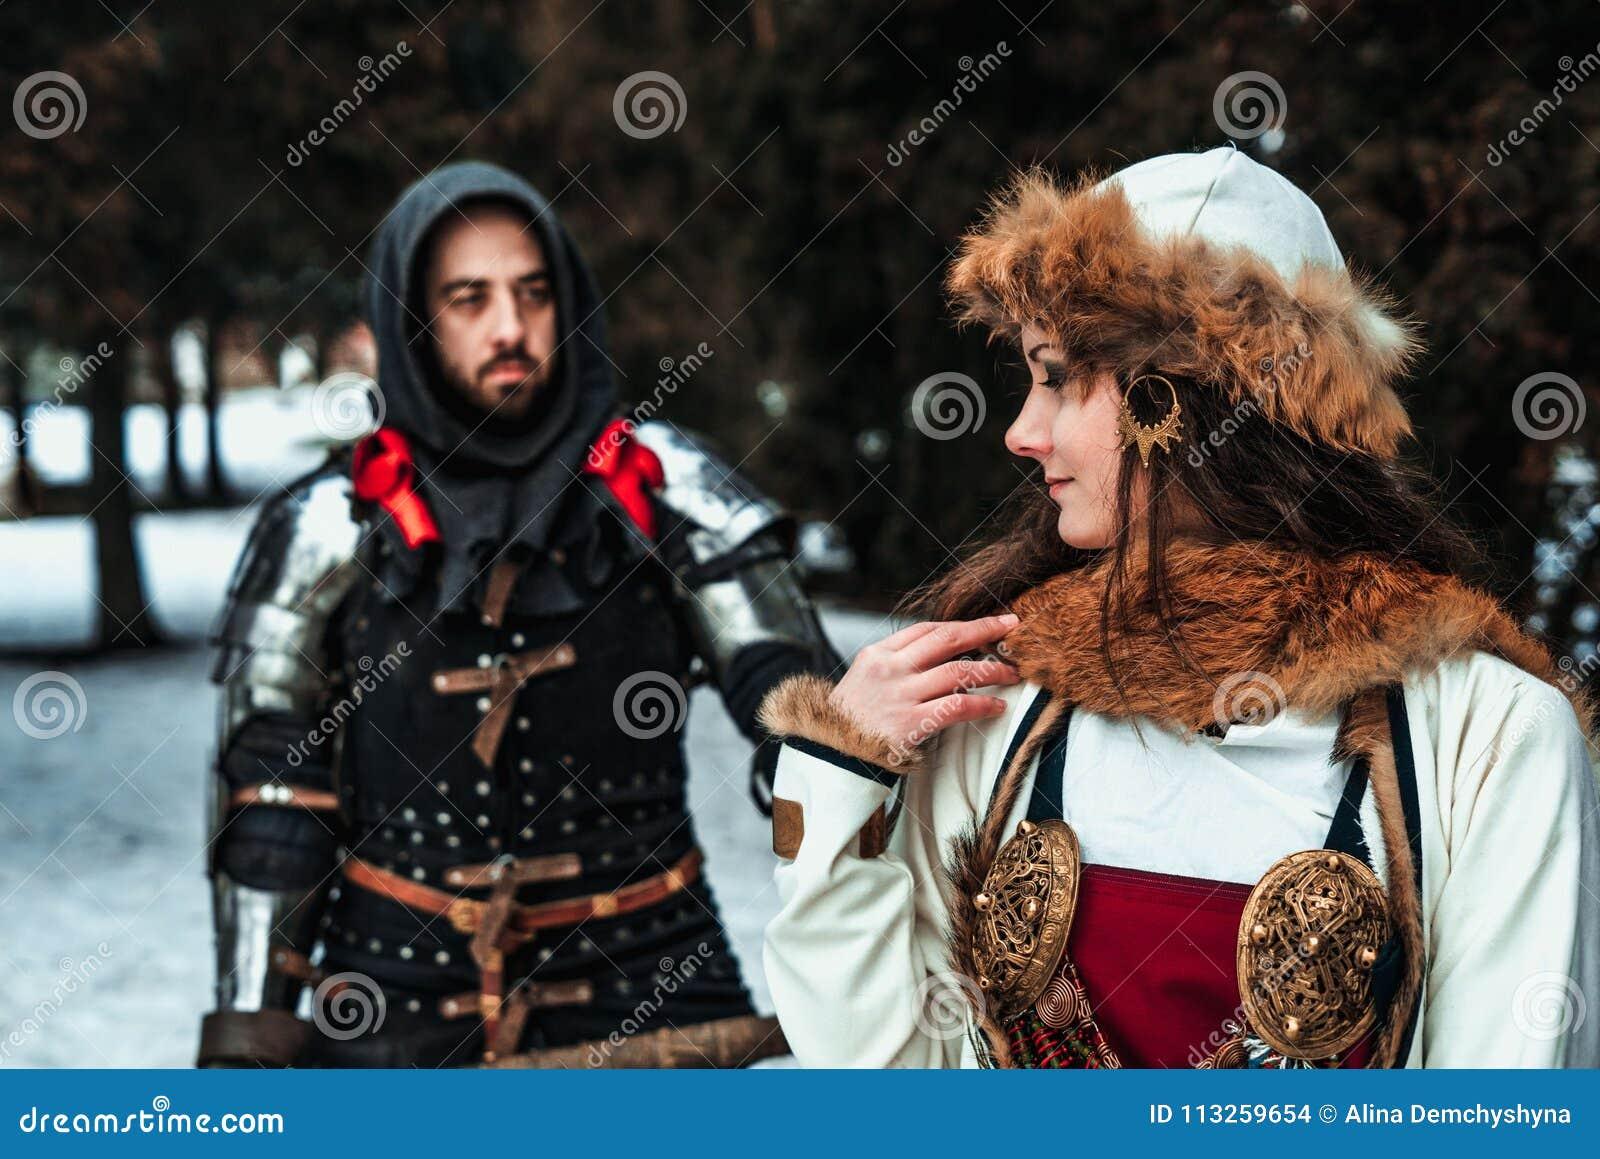 Equipe o cavaleiro na armadura e na mulher no traje histórico